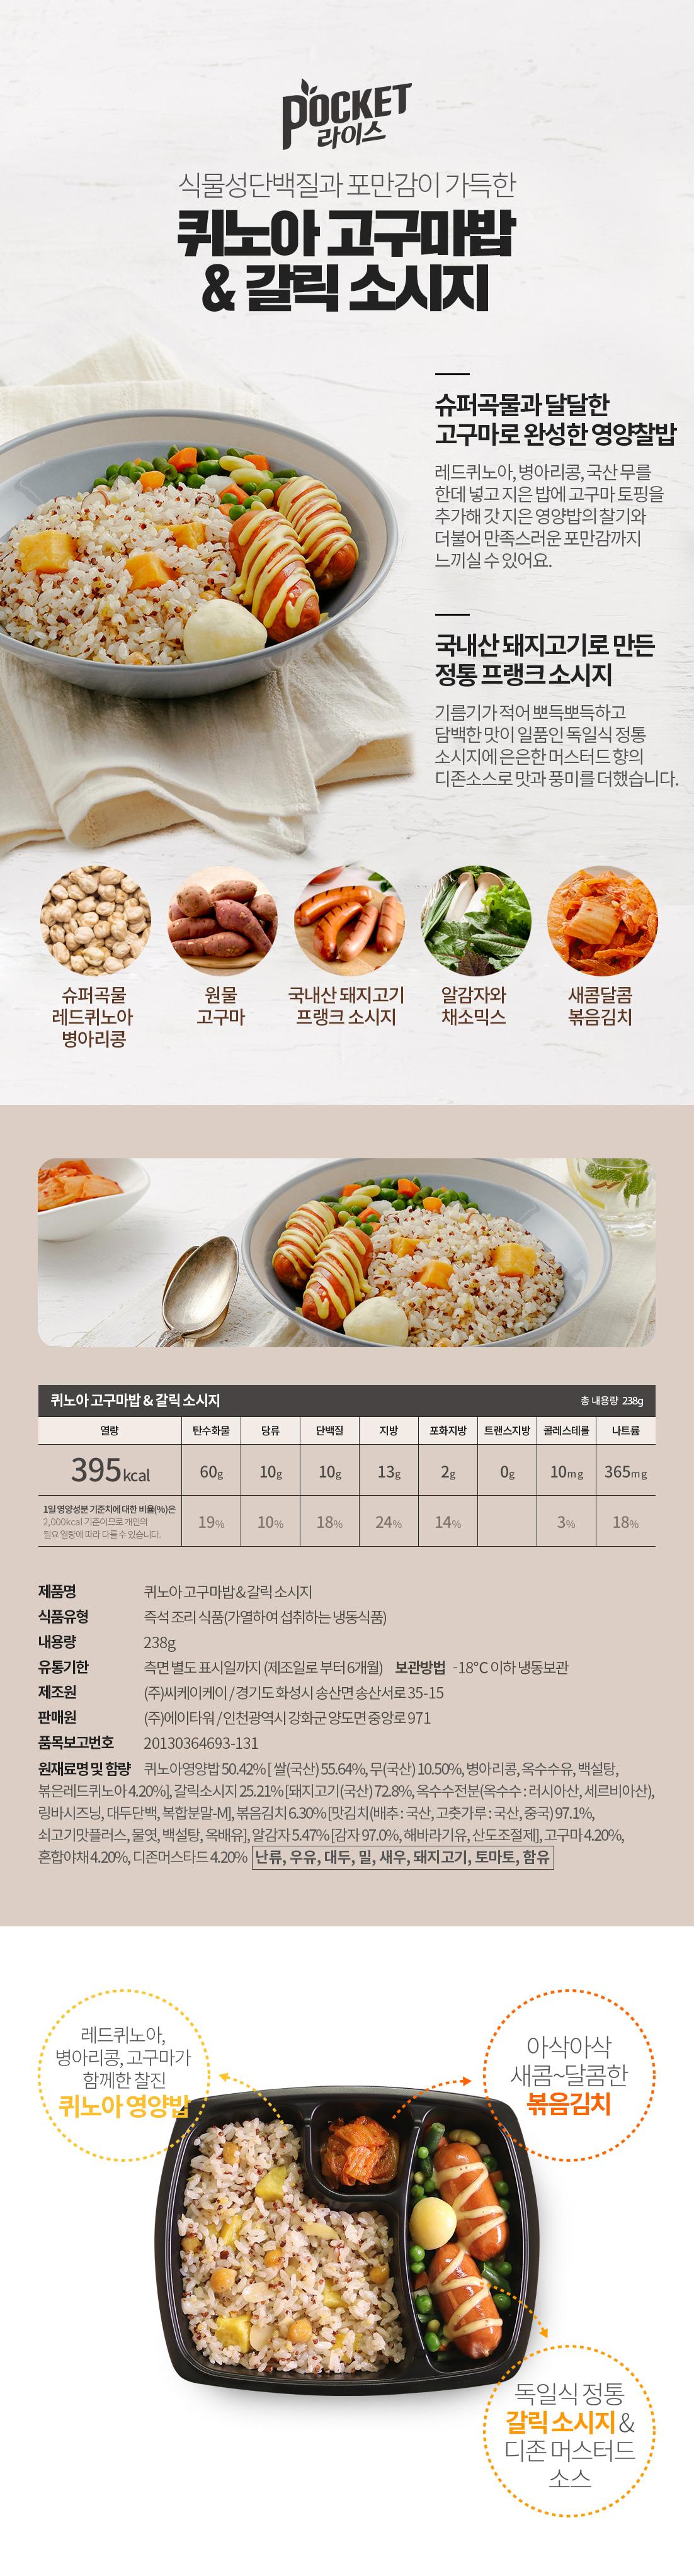 퀴노아고구마밥&갈릭소시지